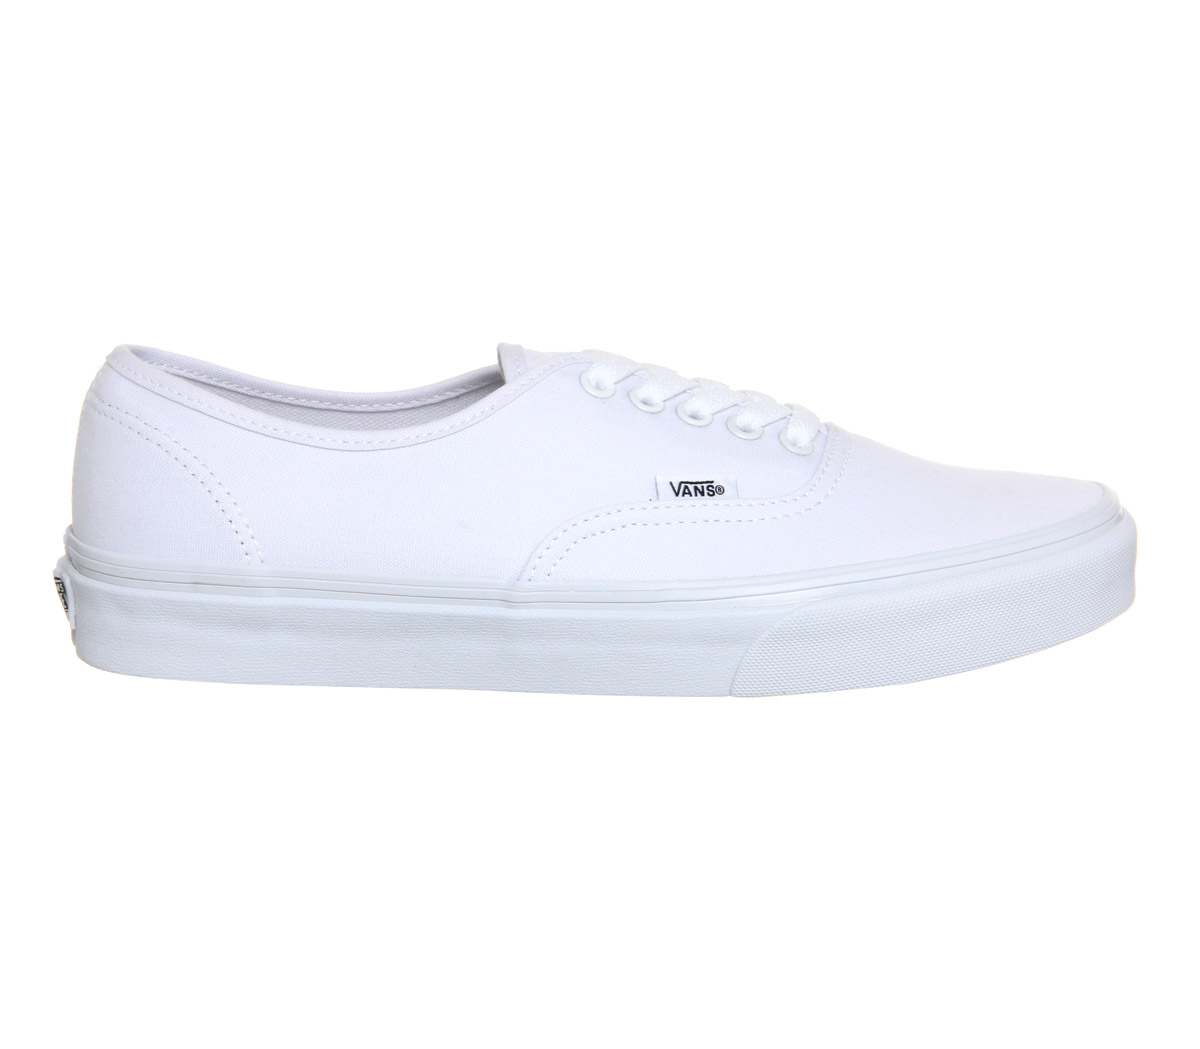 vans authentic trainer white